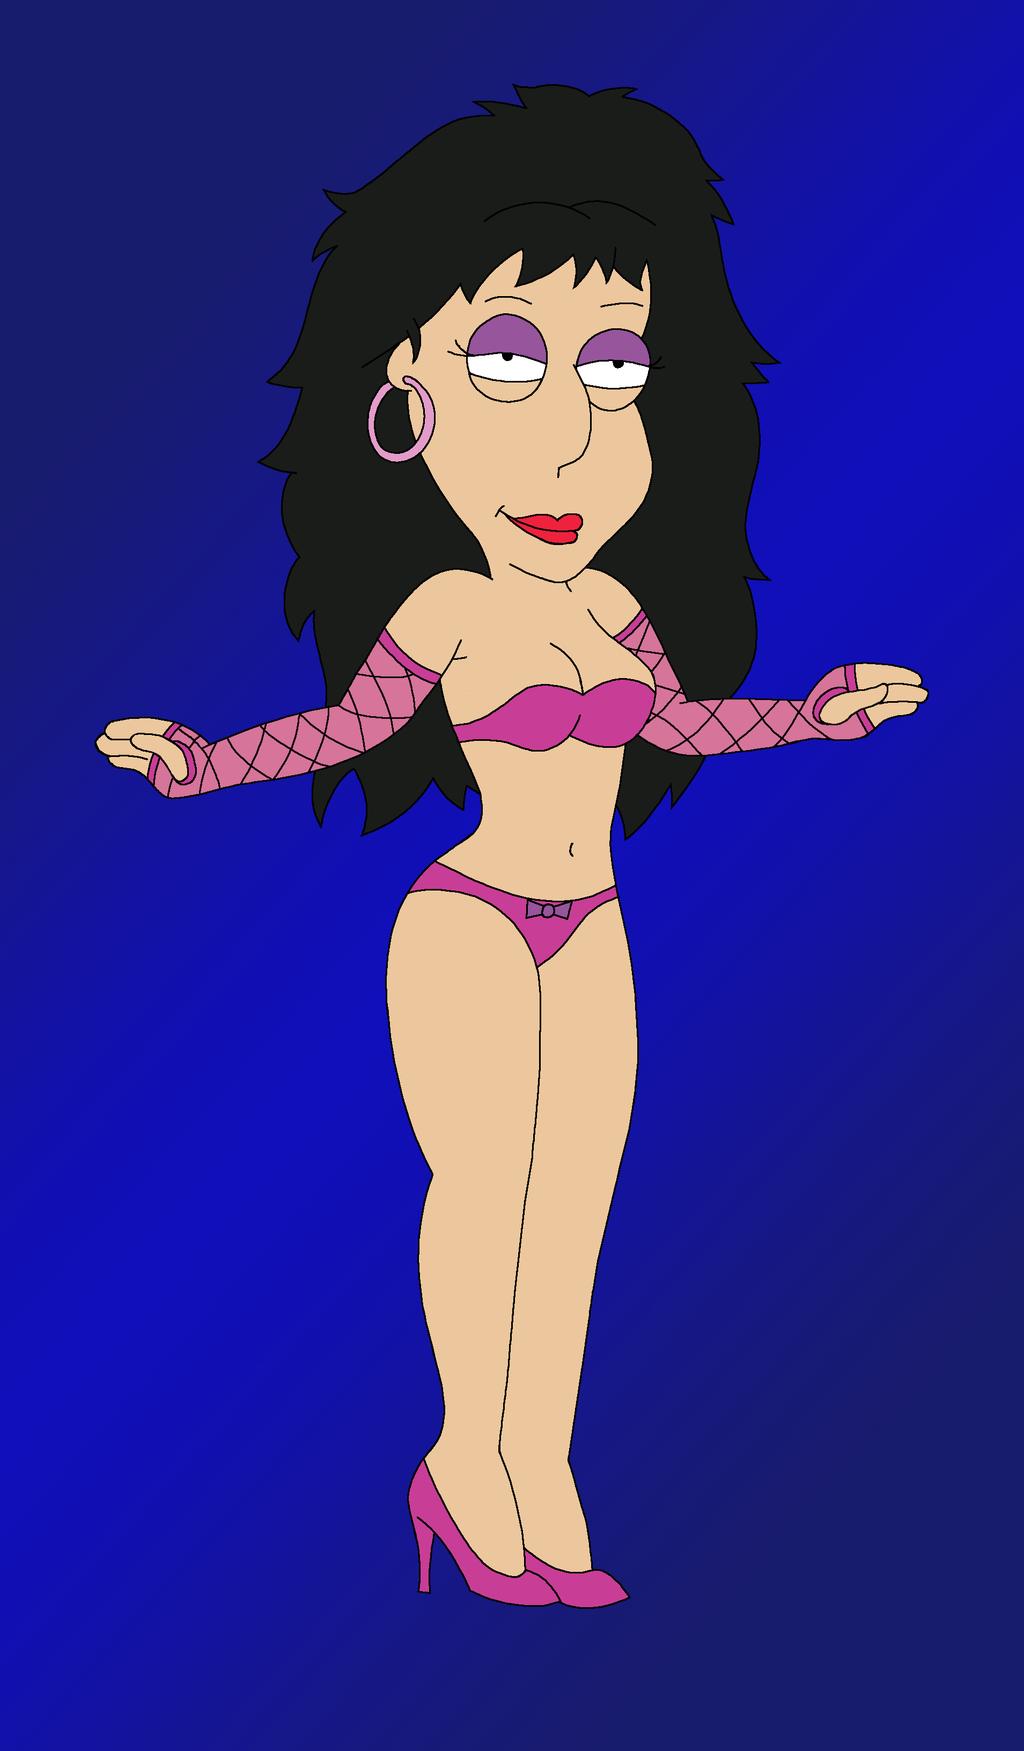 Ann the stripper joe loss